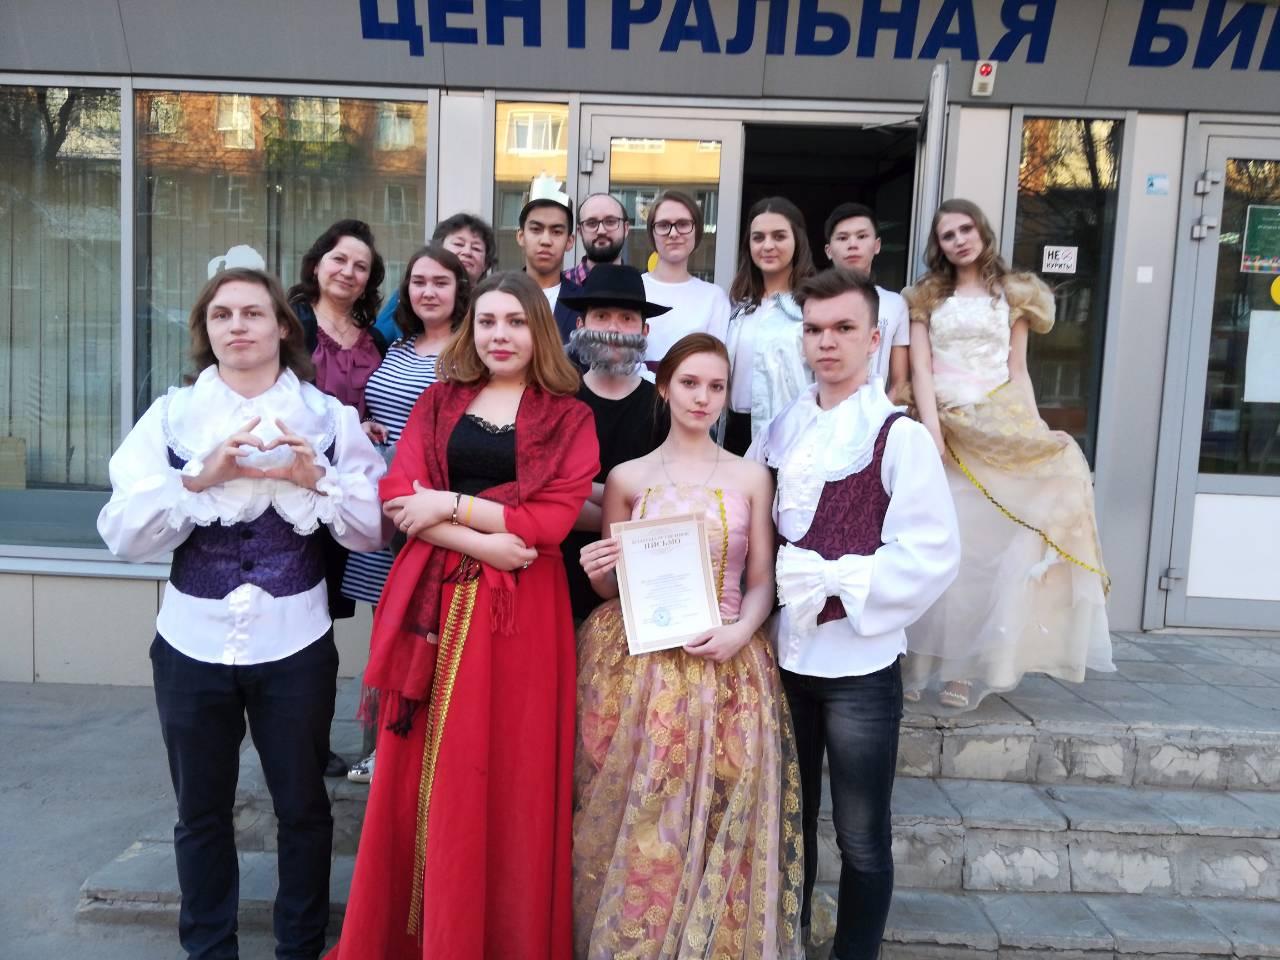 http://politehnikum-eng.ru/2019/04_18/44.jpg